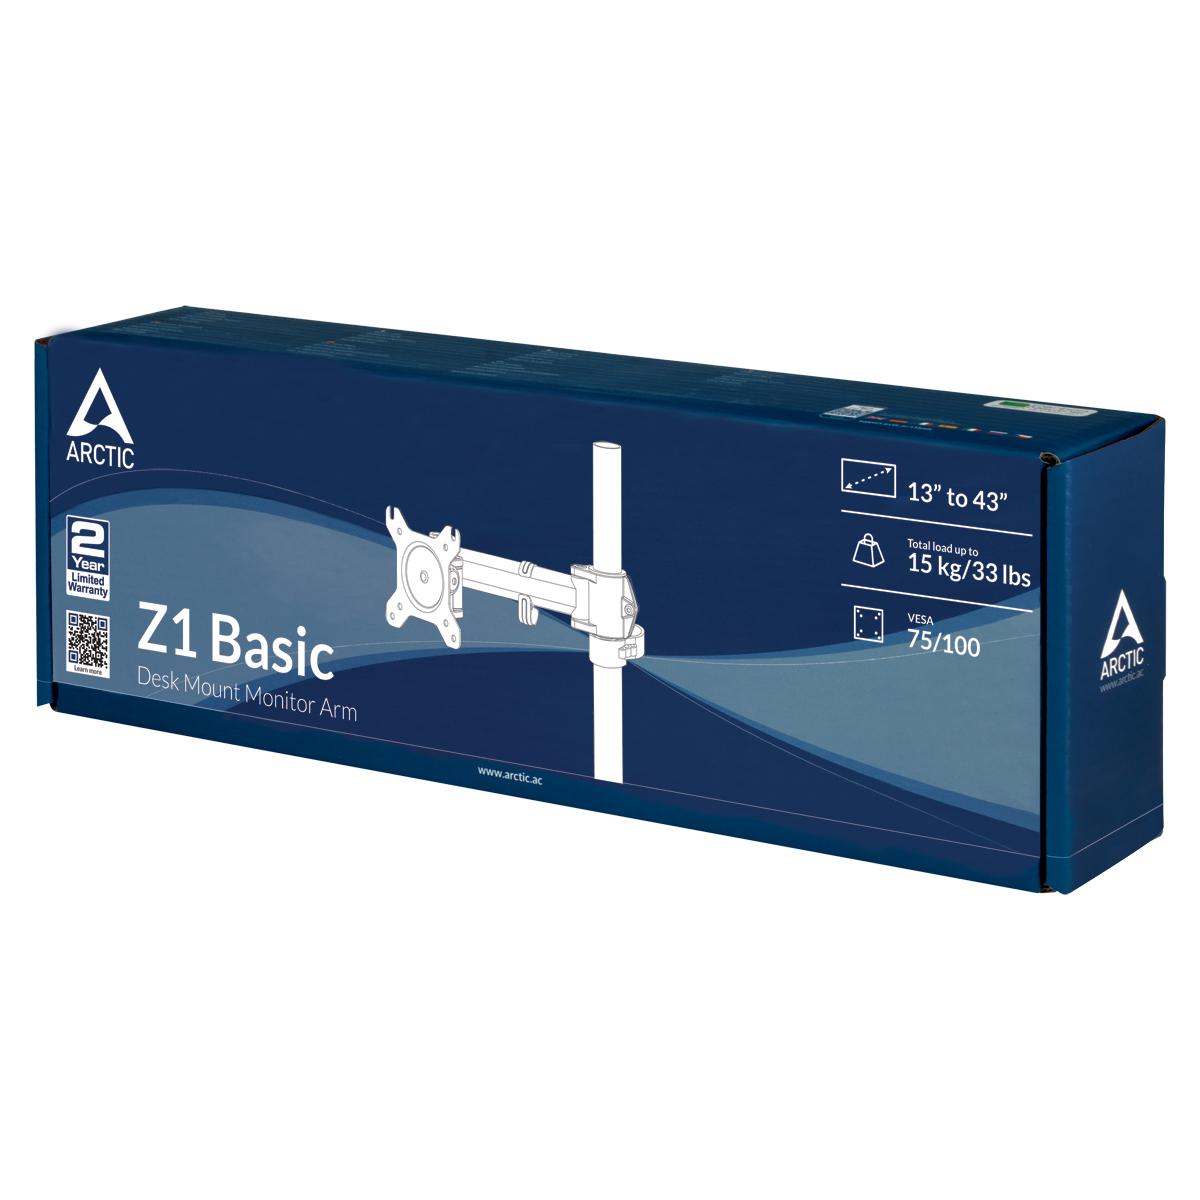 Z1 Basic